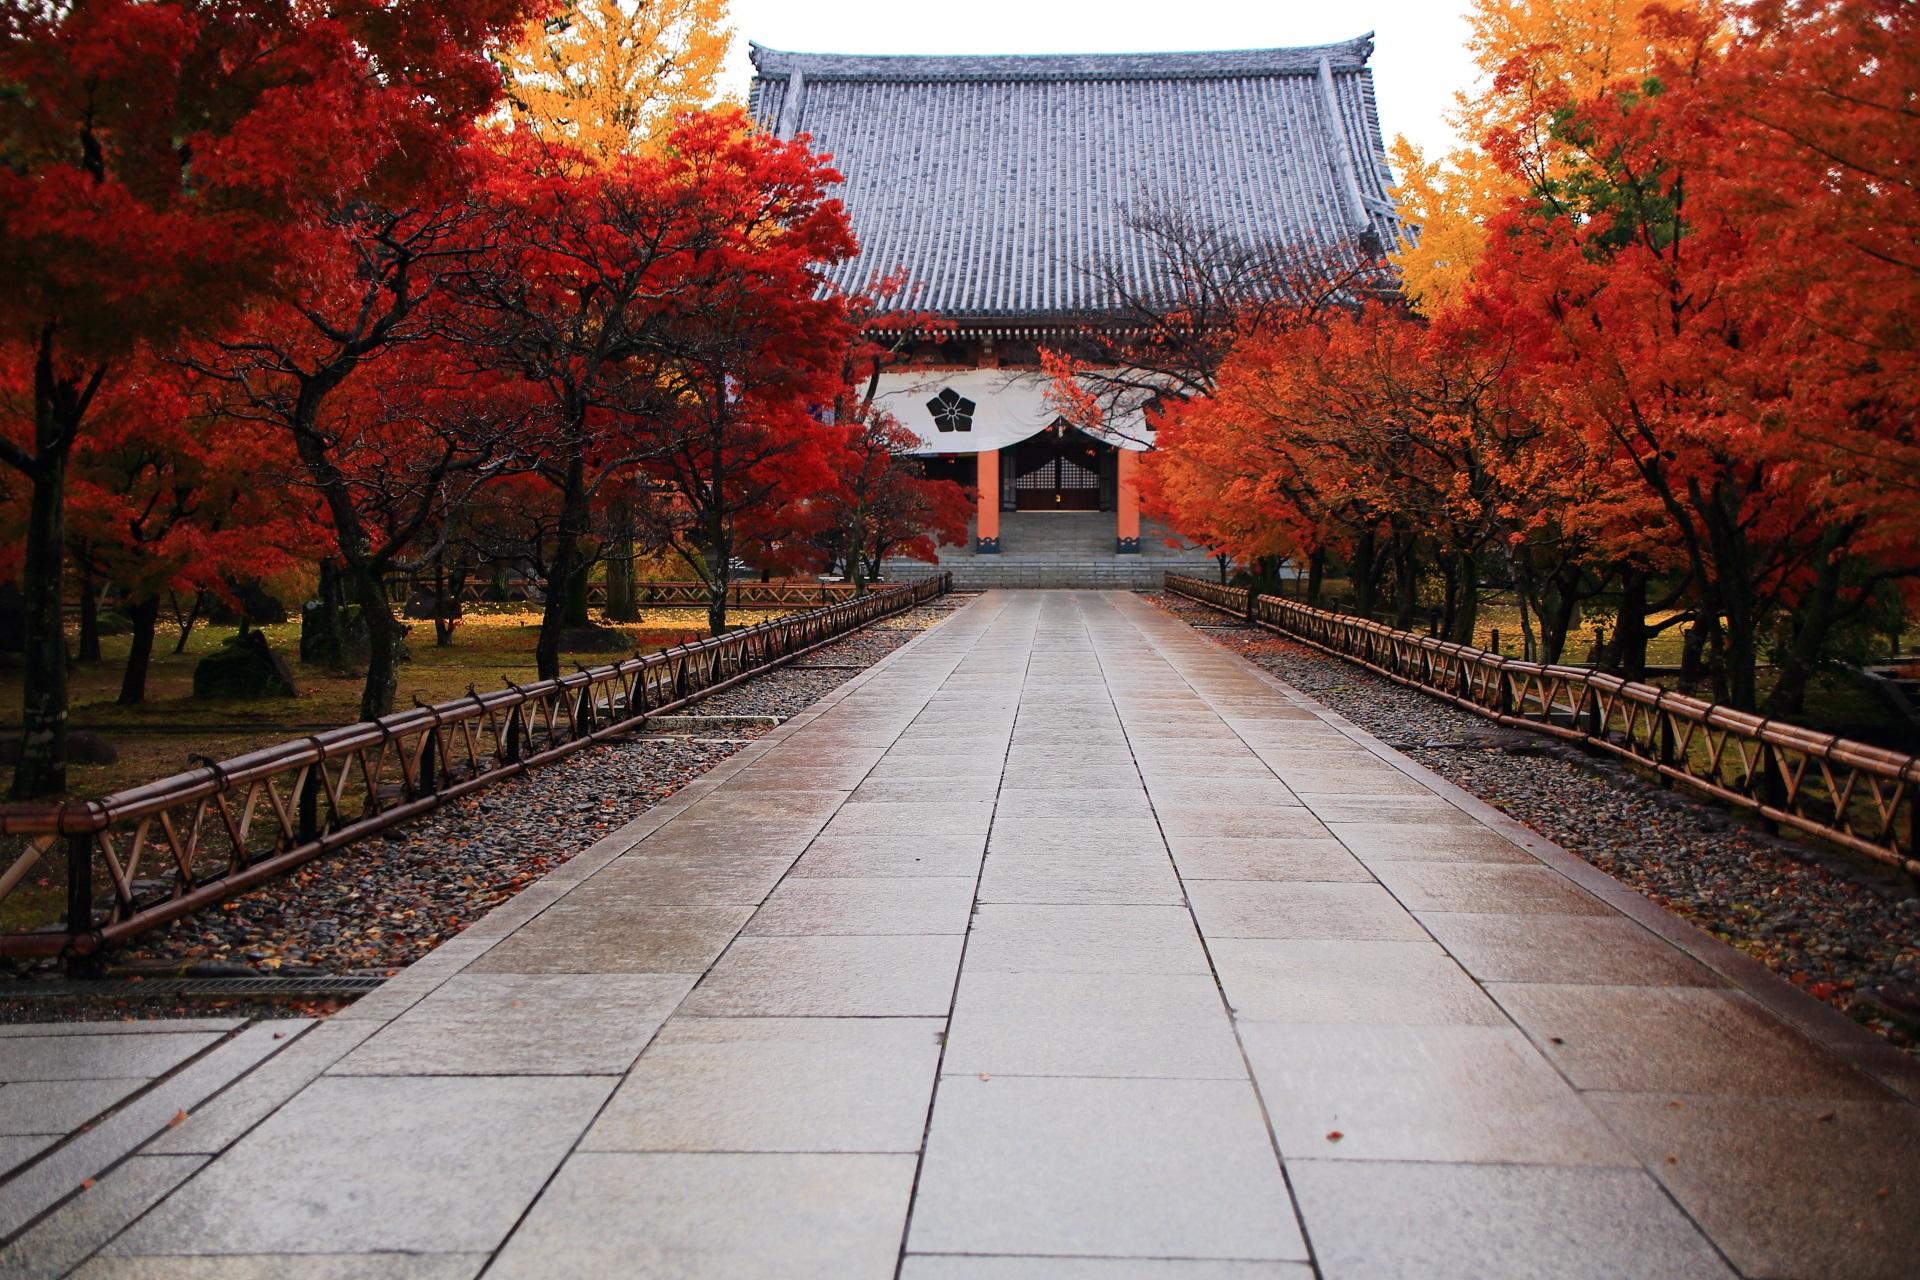 紅葉に染まった雨上がりの鮮やかな参道とその奥に凛として佇む金堂